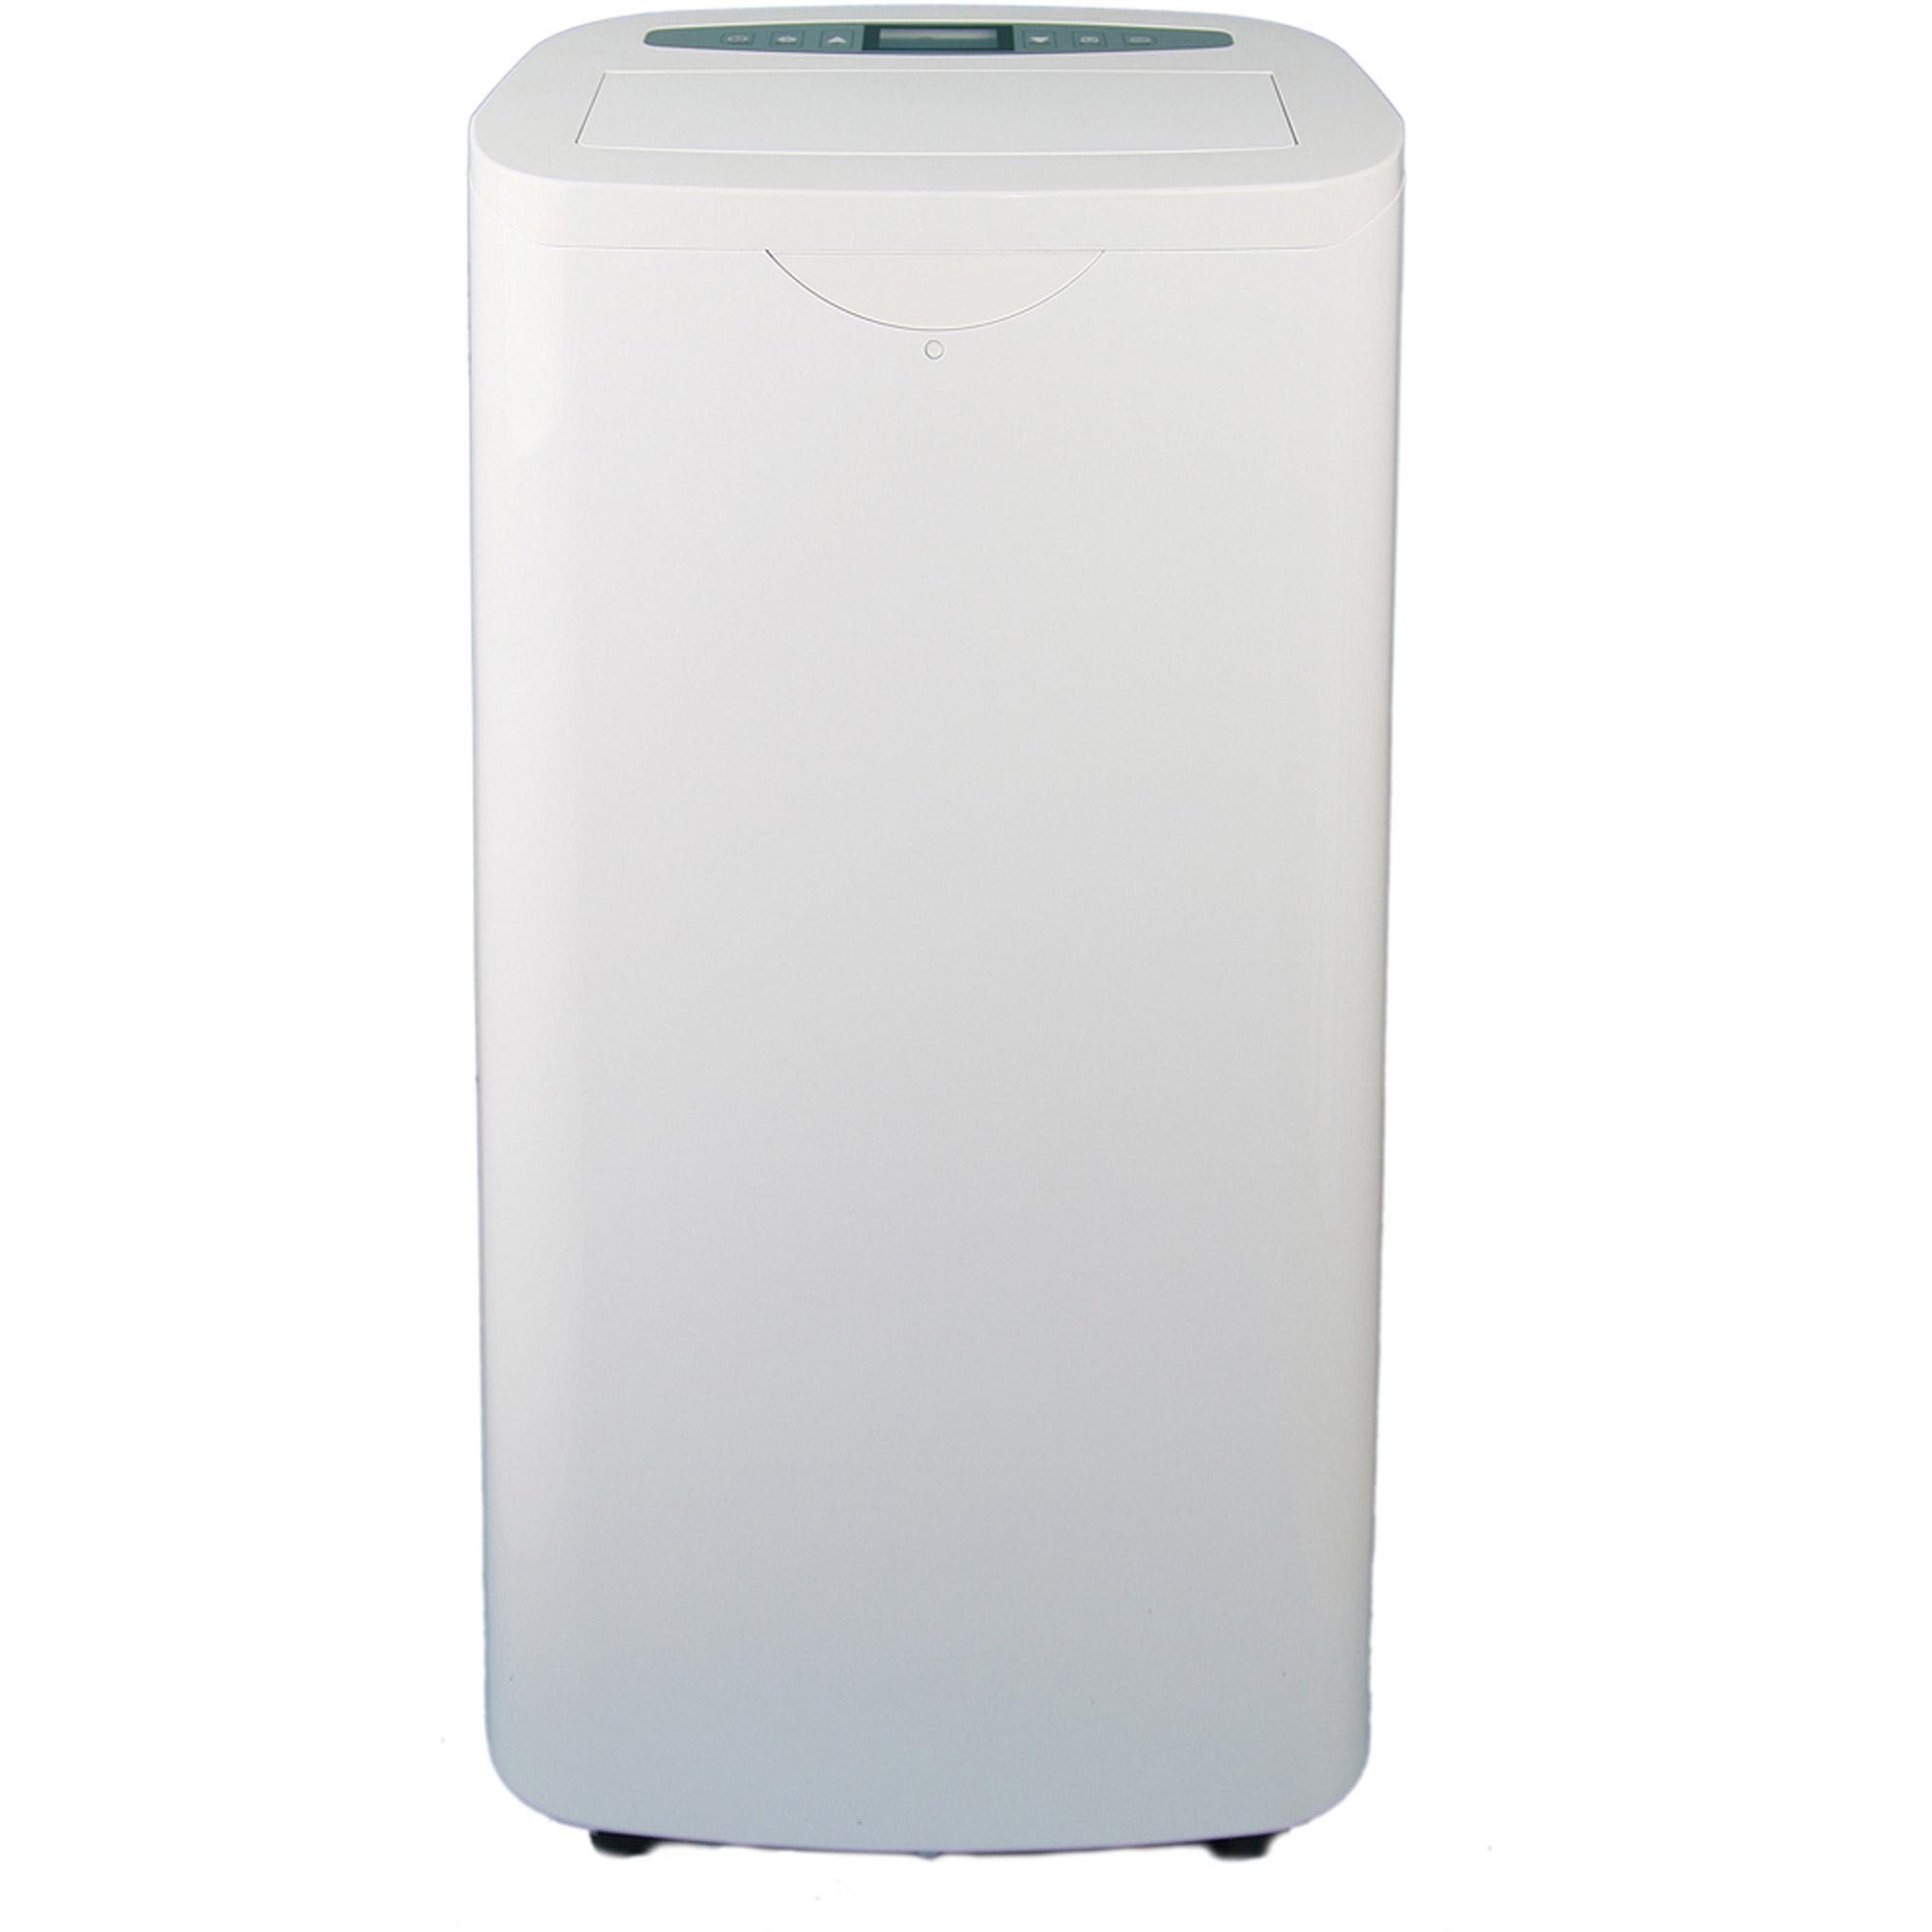 Dehumidifier Bags Walmart global air npc1-14c 14,000-btu portable air conditioner with